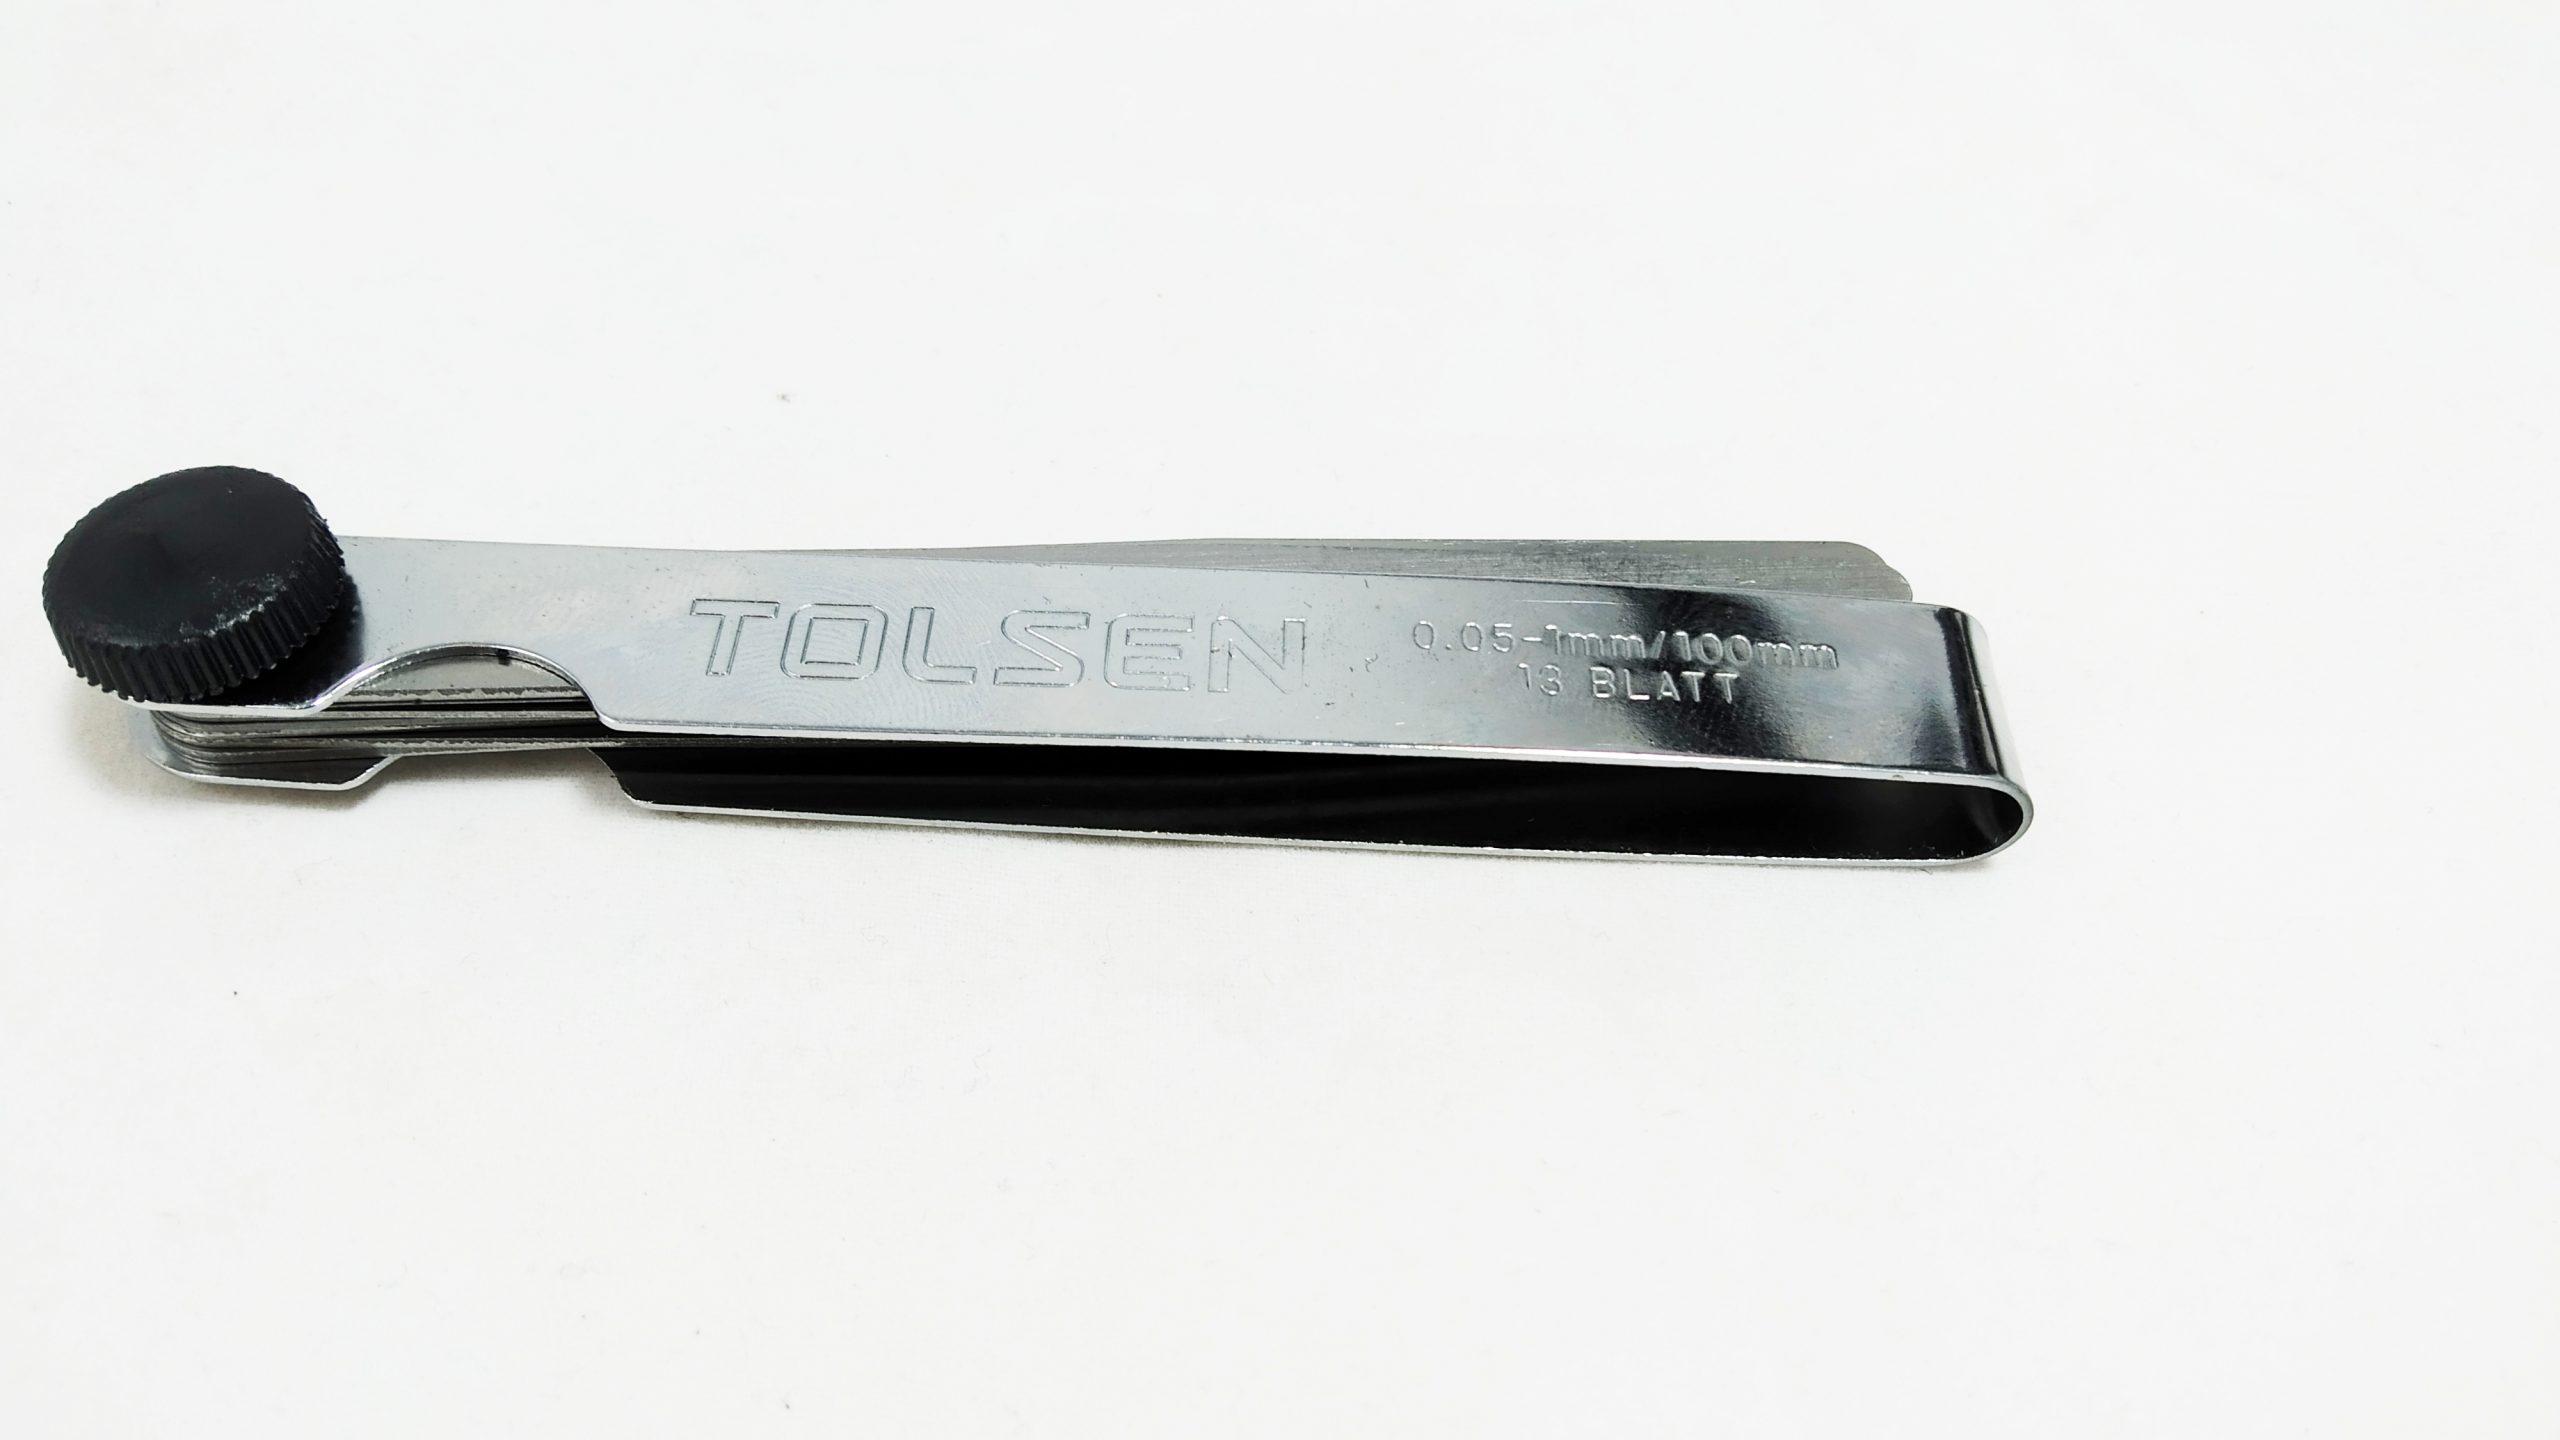 Měrky na ventily 0,05-1mm moto adamek